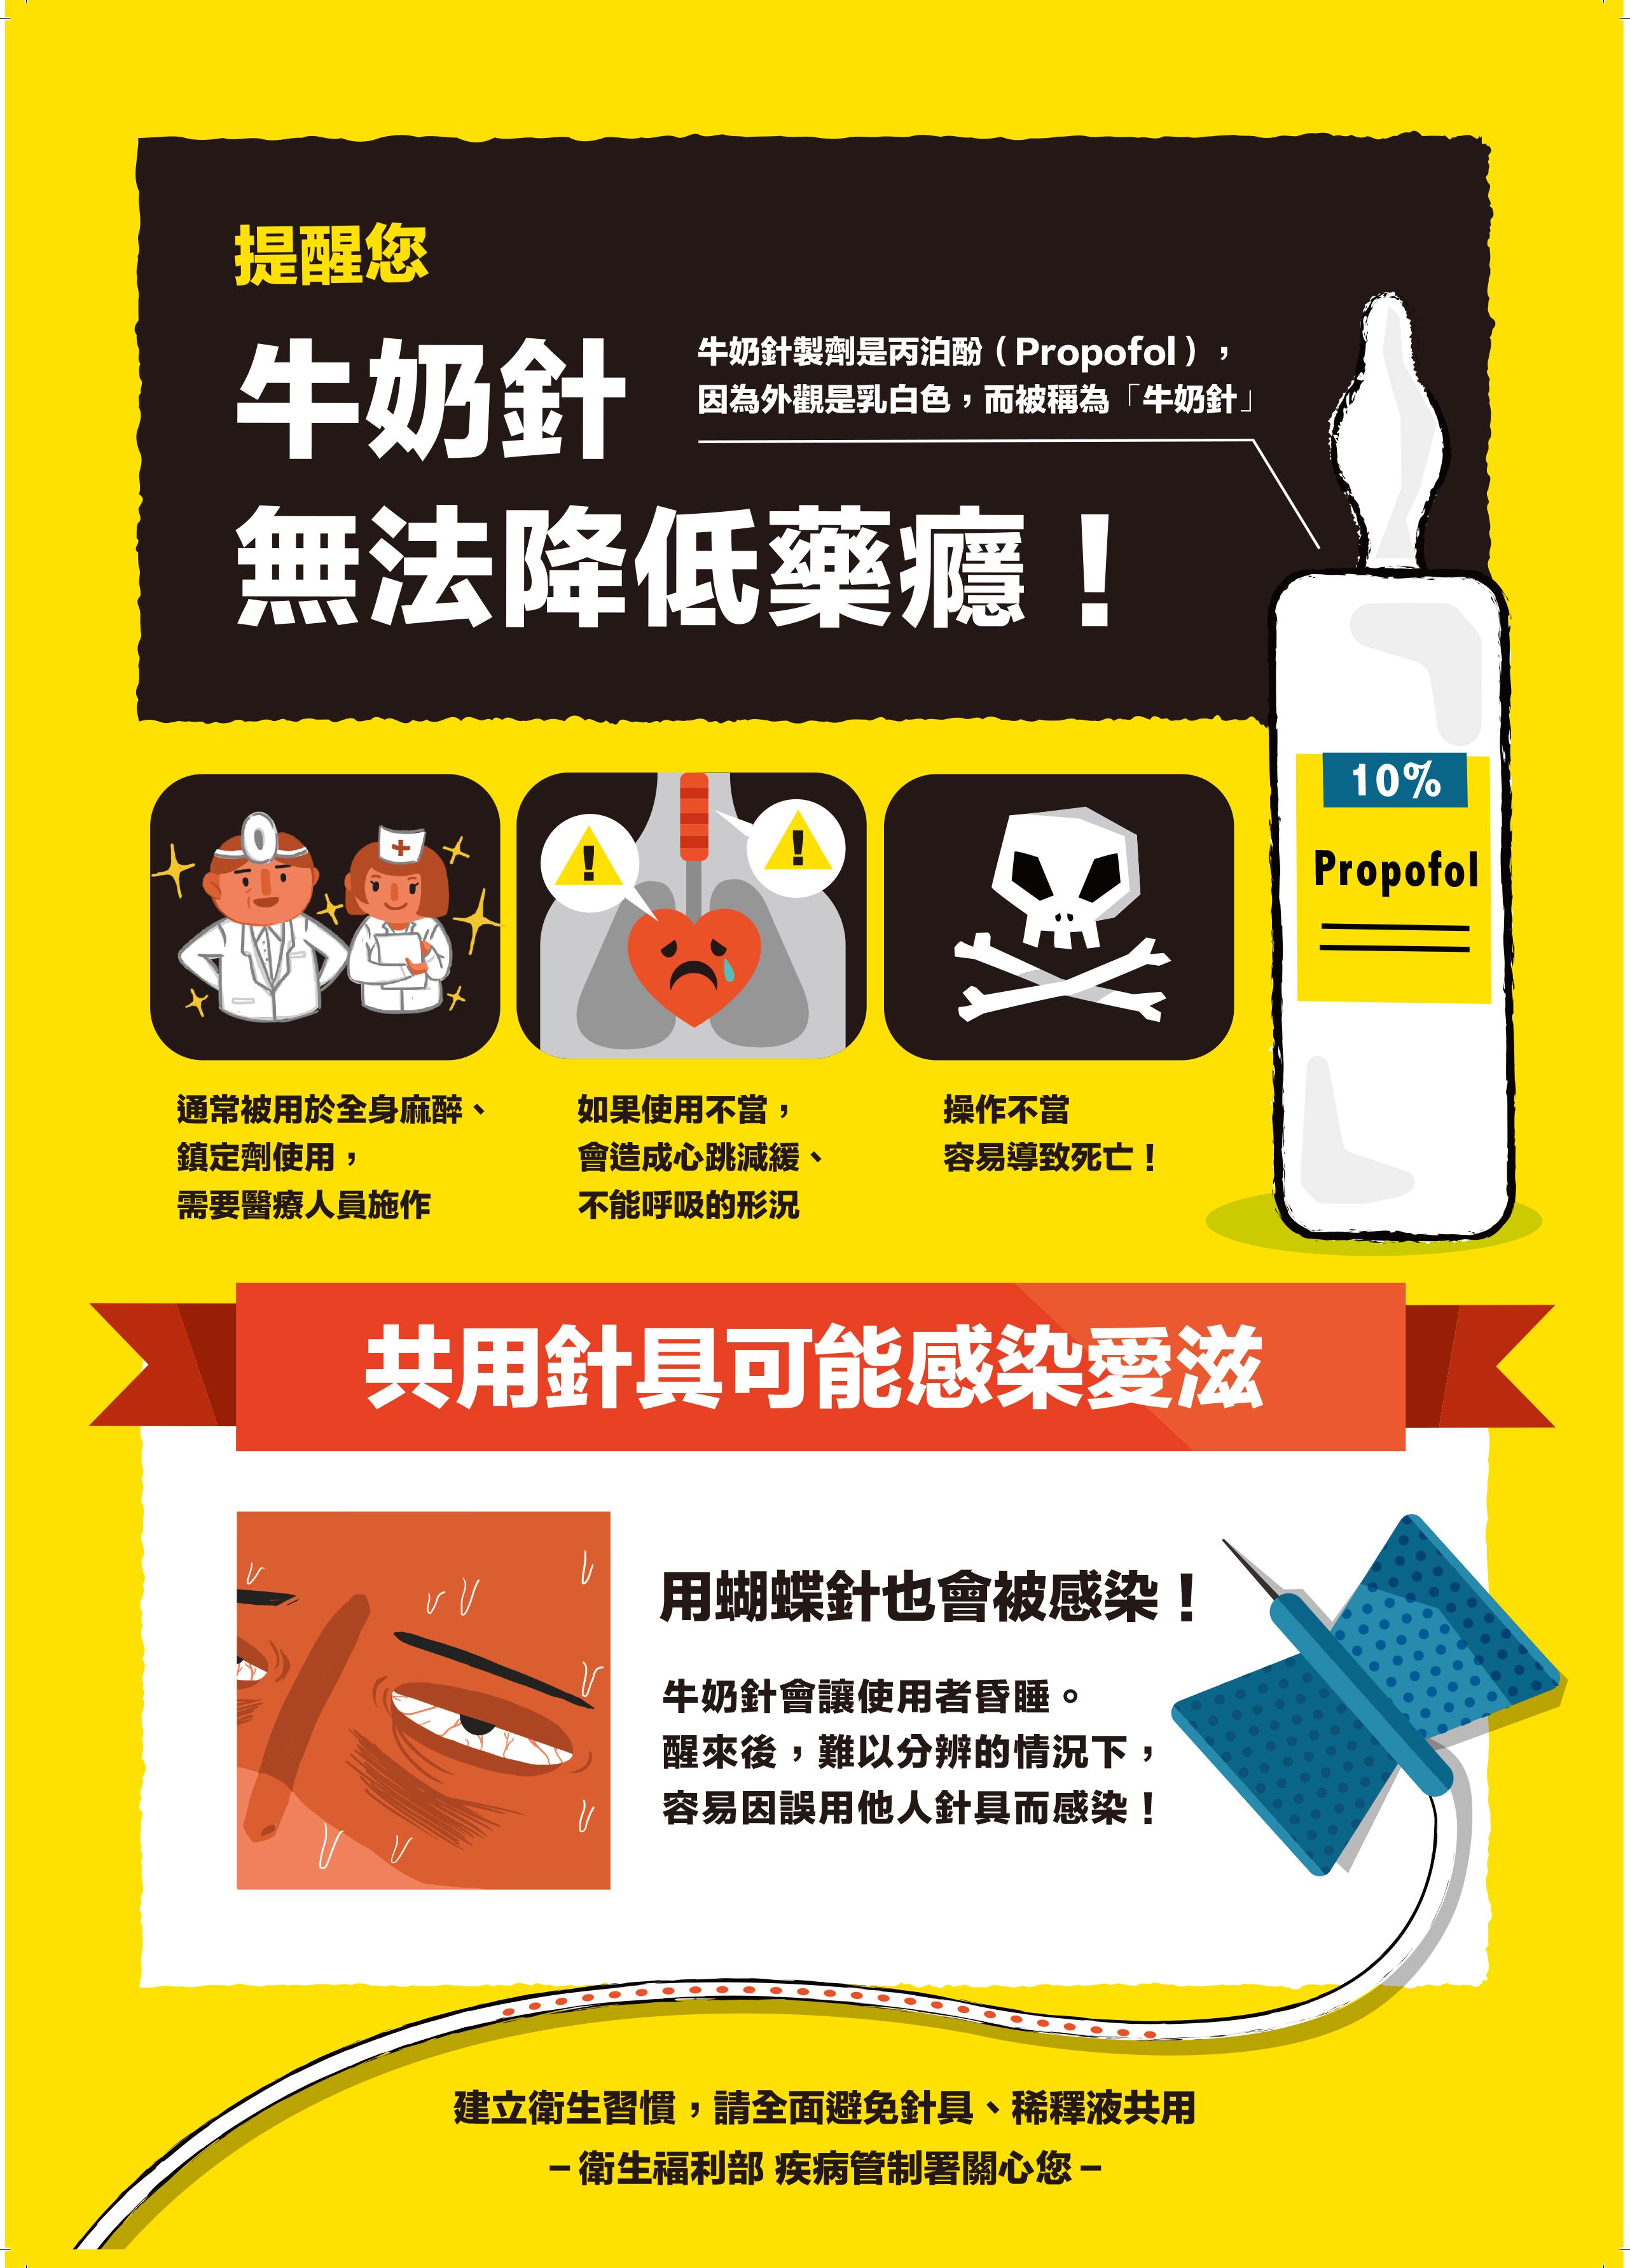 預防愛滋病 ! 全面避免共用針具、稀釋液! 牛奶針無法降低藥隱!共用針具可能感染愛滋病